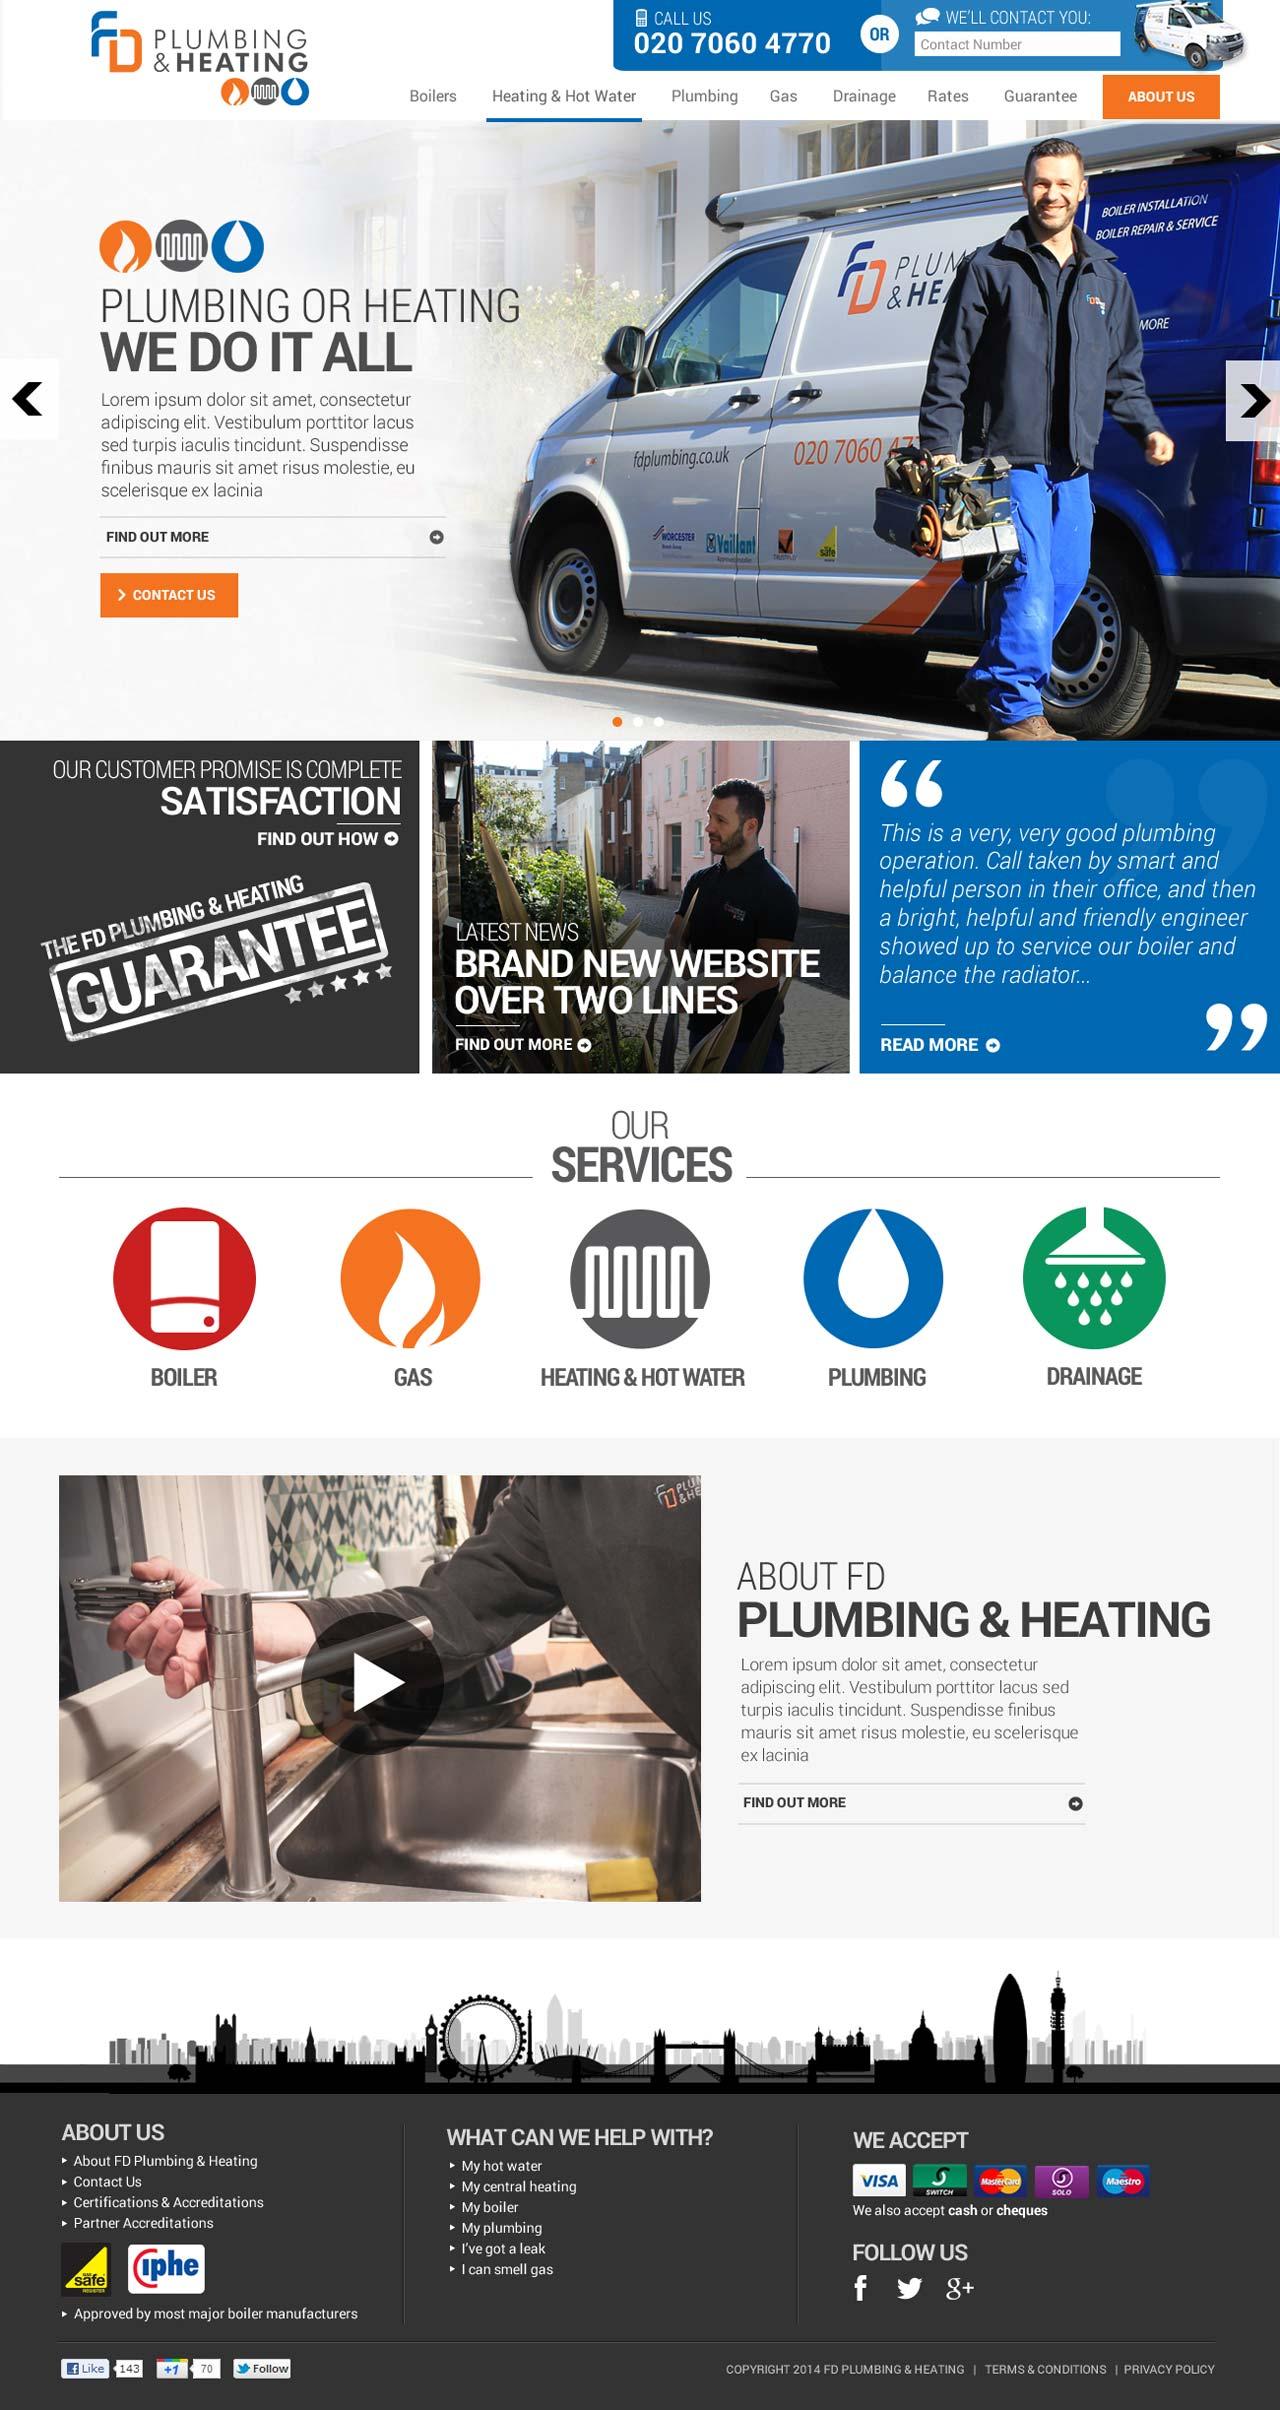 FD Plumbing and Heating Homepage screengrab